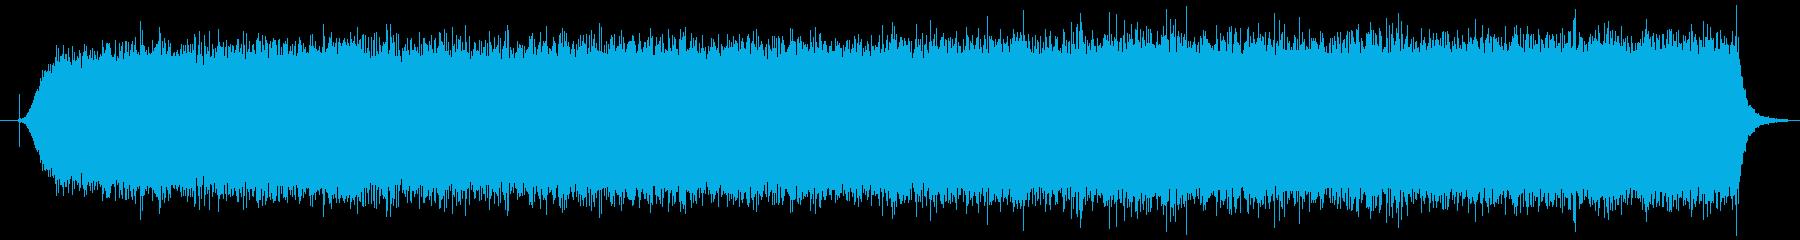 ハンドヘルドヘアドライヤー:開始、...の再生済みの波形